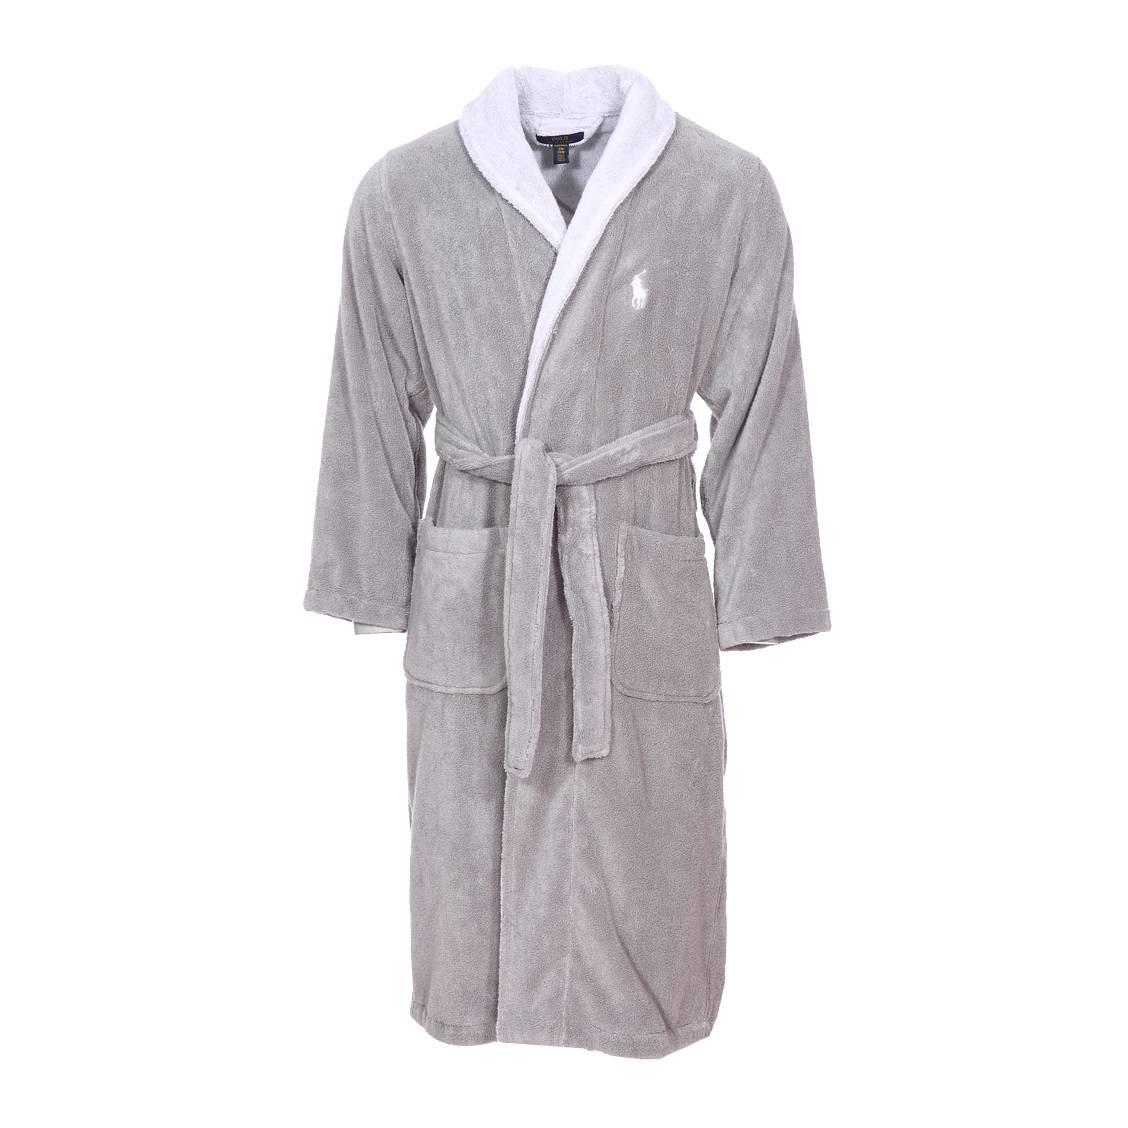 En Peignoir Hommes Des Et Bain Coton Polo Ralph Lauren Gris De BlancRue Éponge Y76gvbfmIy